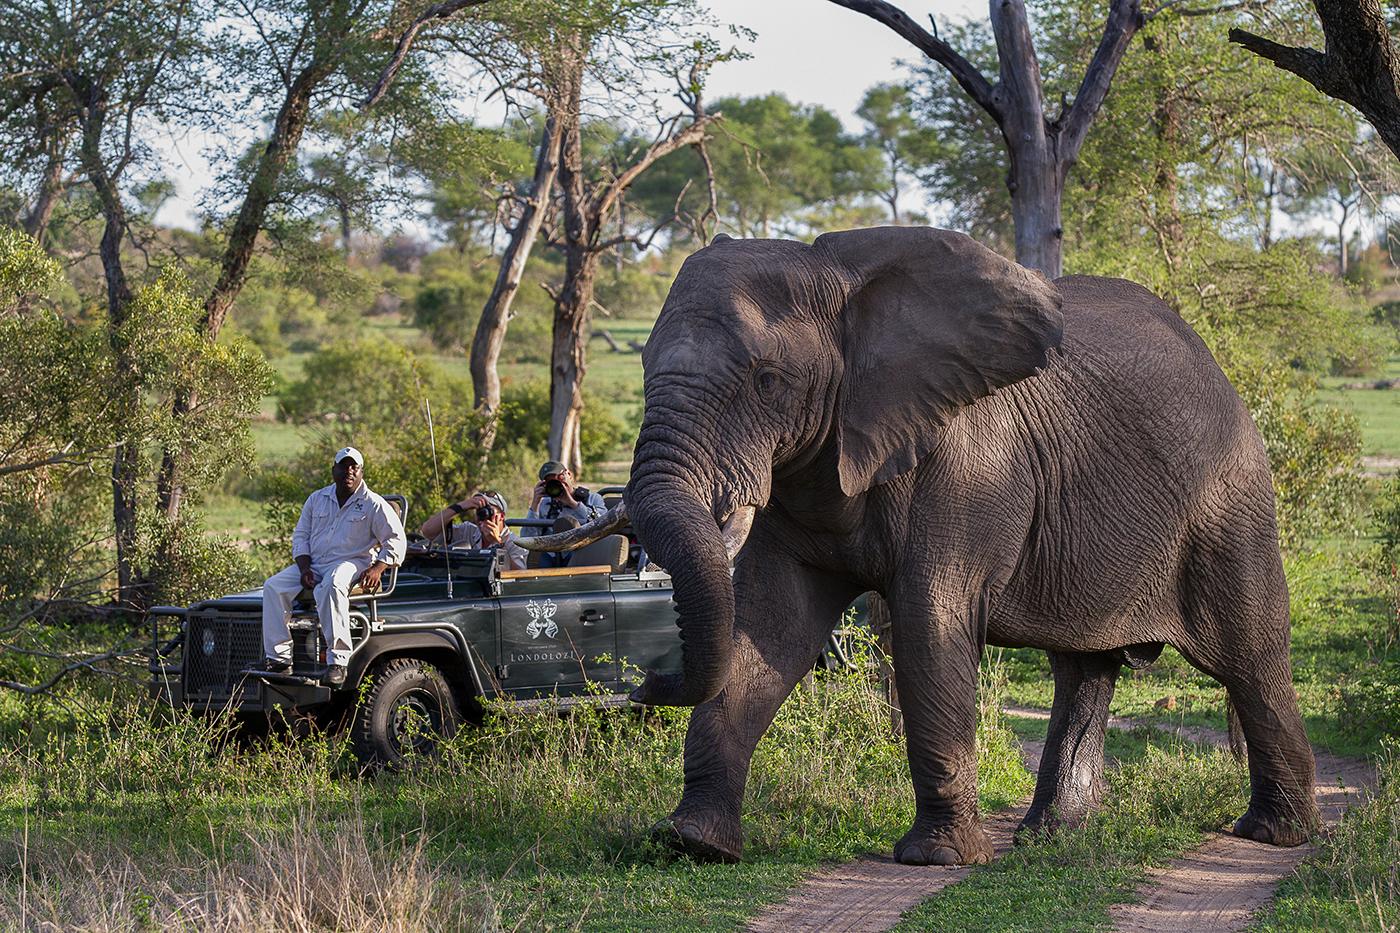 Elephant_Bull_Don_HeynekeSMALL